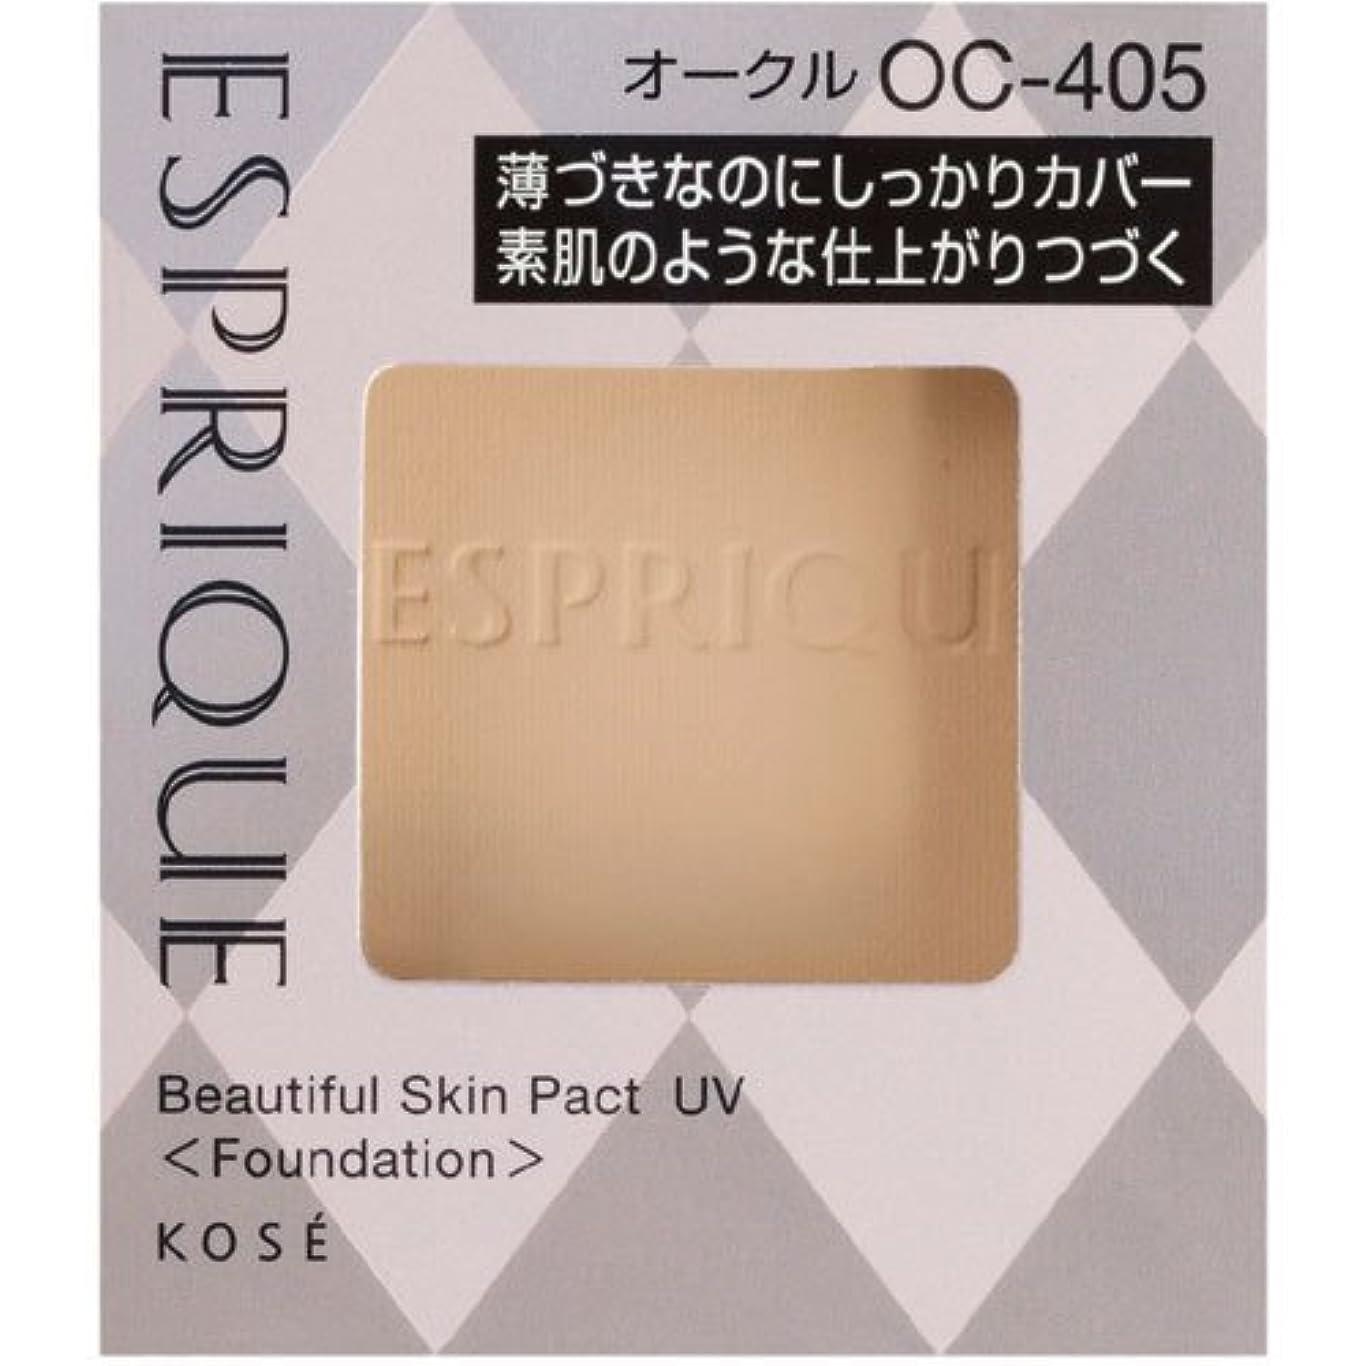 終わりヒューマニスティック拮抗するKOSE エスプリーク ビューティフルスキン パクト UV OC-405